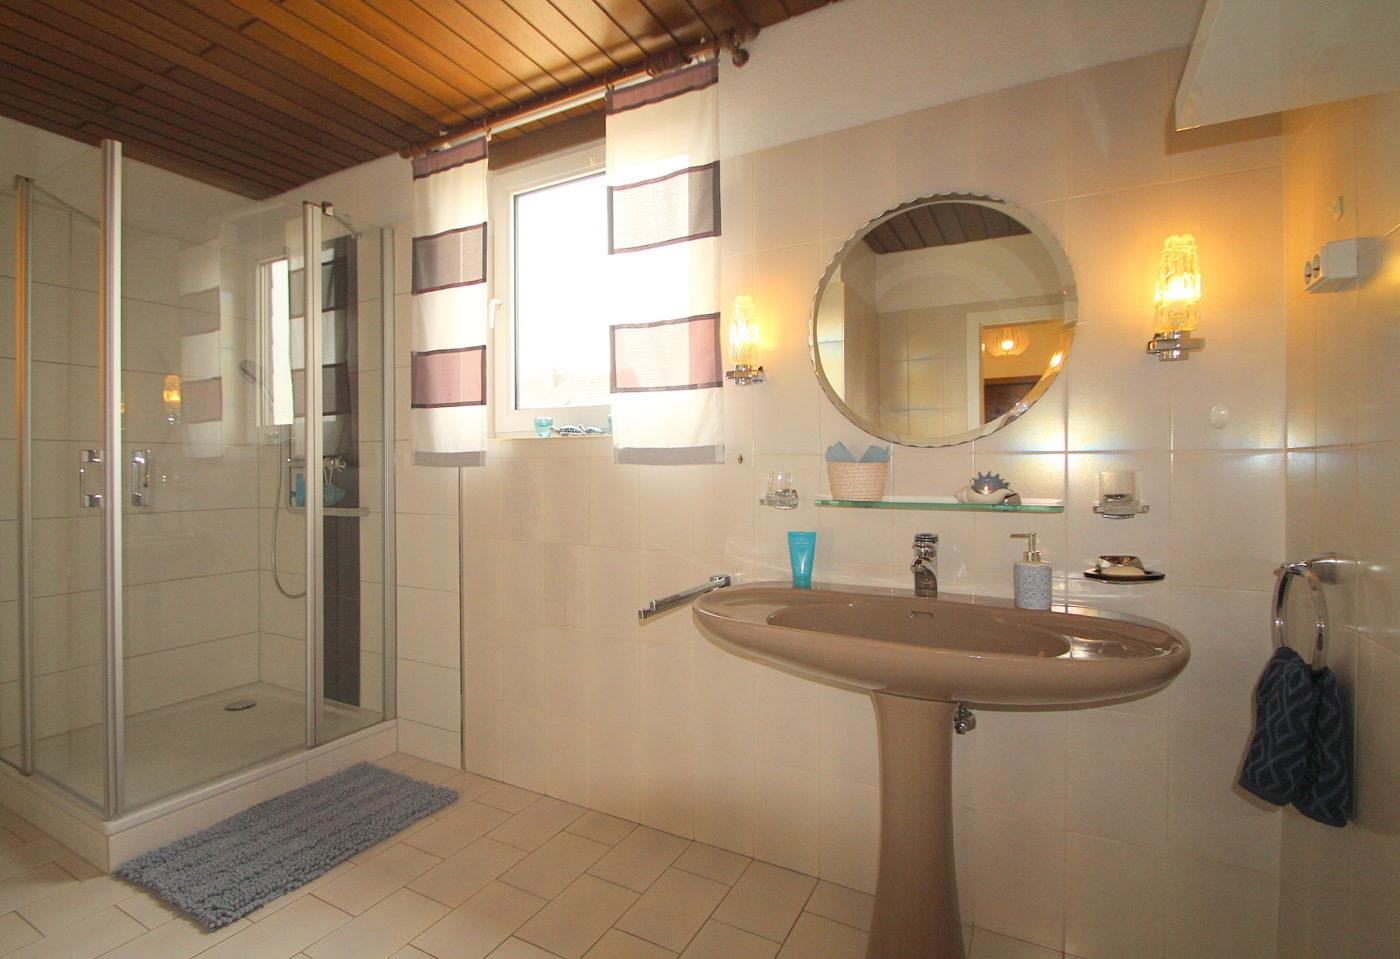 Blickfang Homestaging - Als Profis der Raumgestaltung beachten wir bei der optimalen Immobilienpräsentation alle Aspekte für eine harmonische und funktionale Präsentation